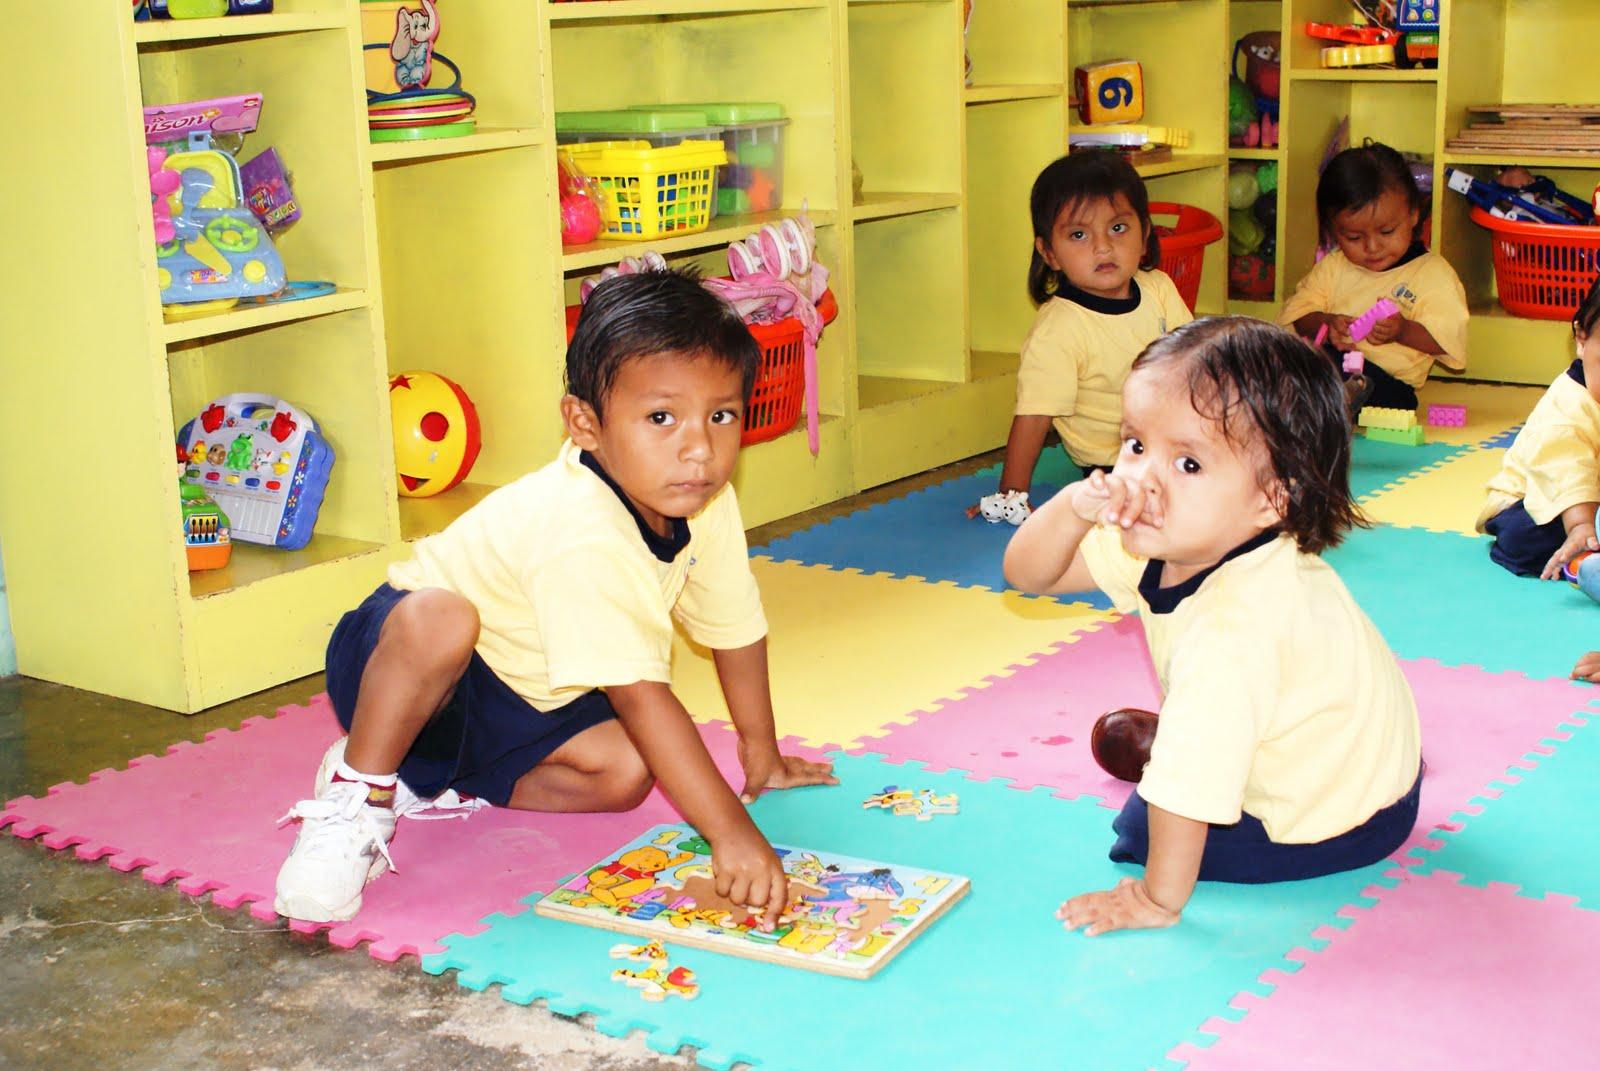 SIN CENSURA: Día de la Educacíon Inicial en el Perú